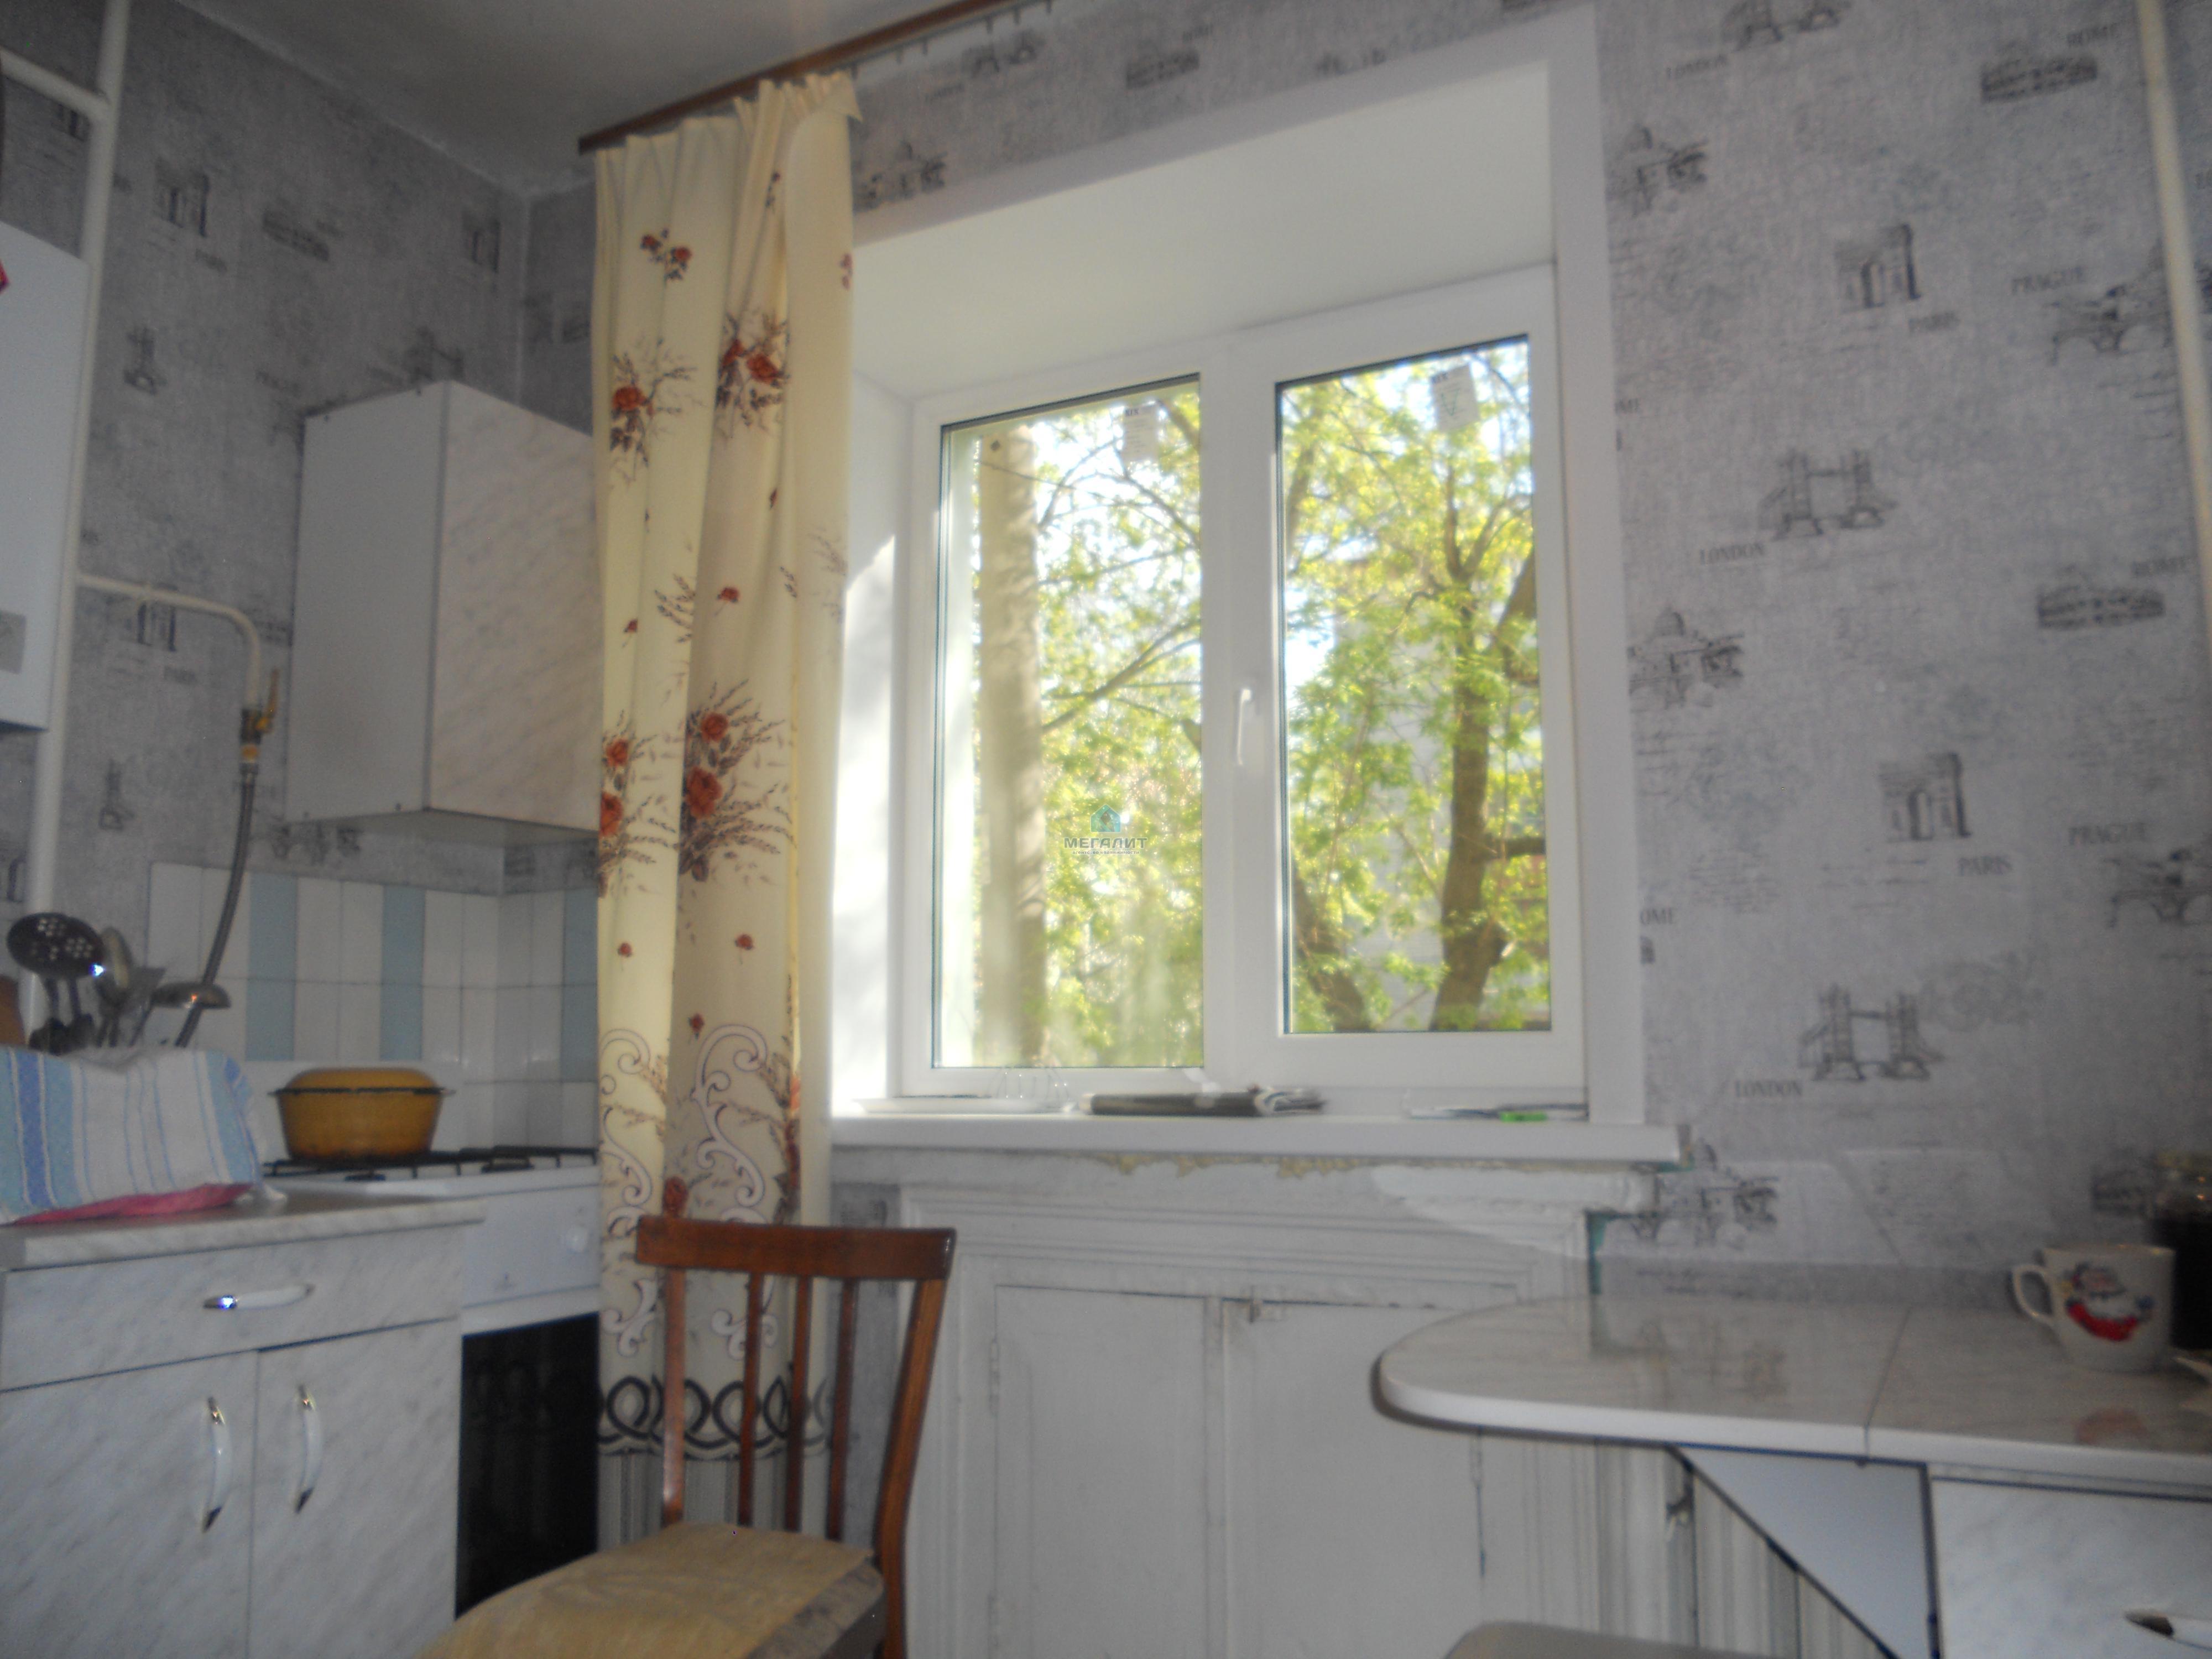 Аренда 1-к квартиры Айдарова 8а, 33 м²  (миниатюра №4)